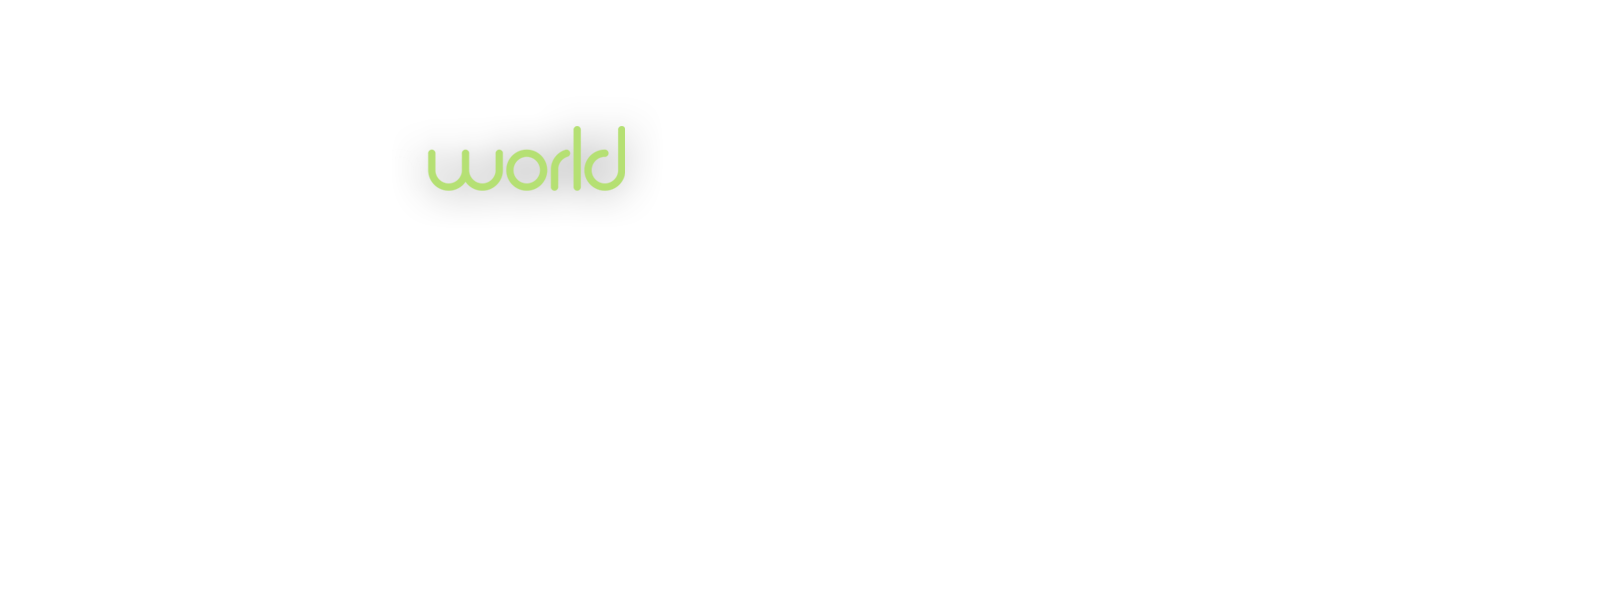 لایه چهارم اسلایدر گرین ورلد ، هویت بصری ، طراحی لوگو ، طراحی لوگوتایپ ، شرکت تبلیغاتی ، شرکت تبلیغاتی الف ، گرین ورلد ، کود مایع گرین ورلد ، طراحی هویت بصری